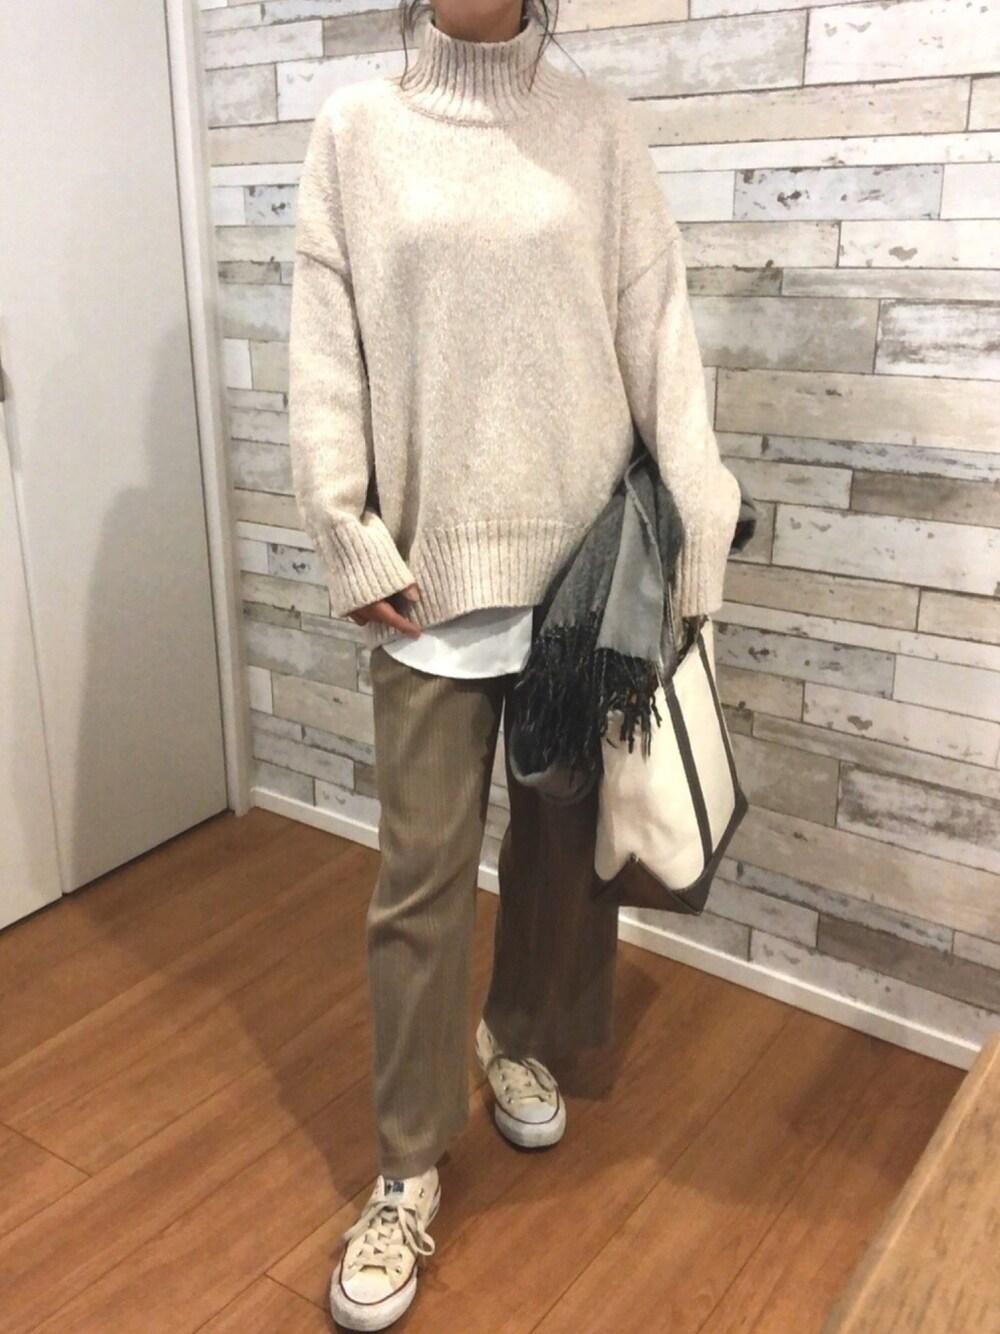 https://wear.jp/sp/anpanna0505/16111820/